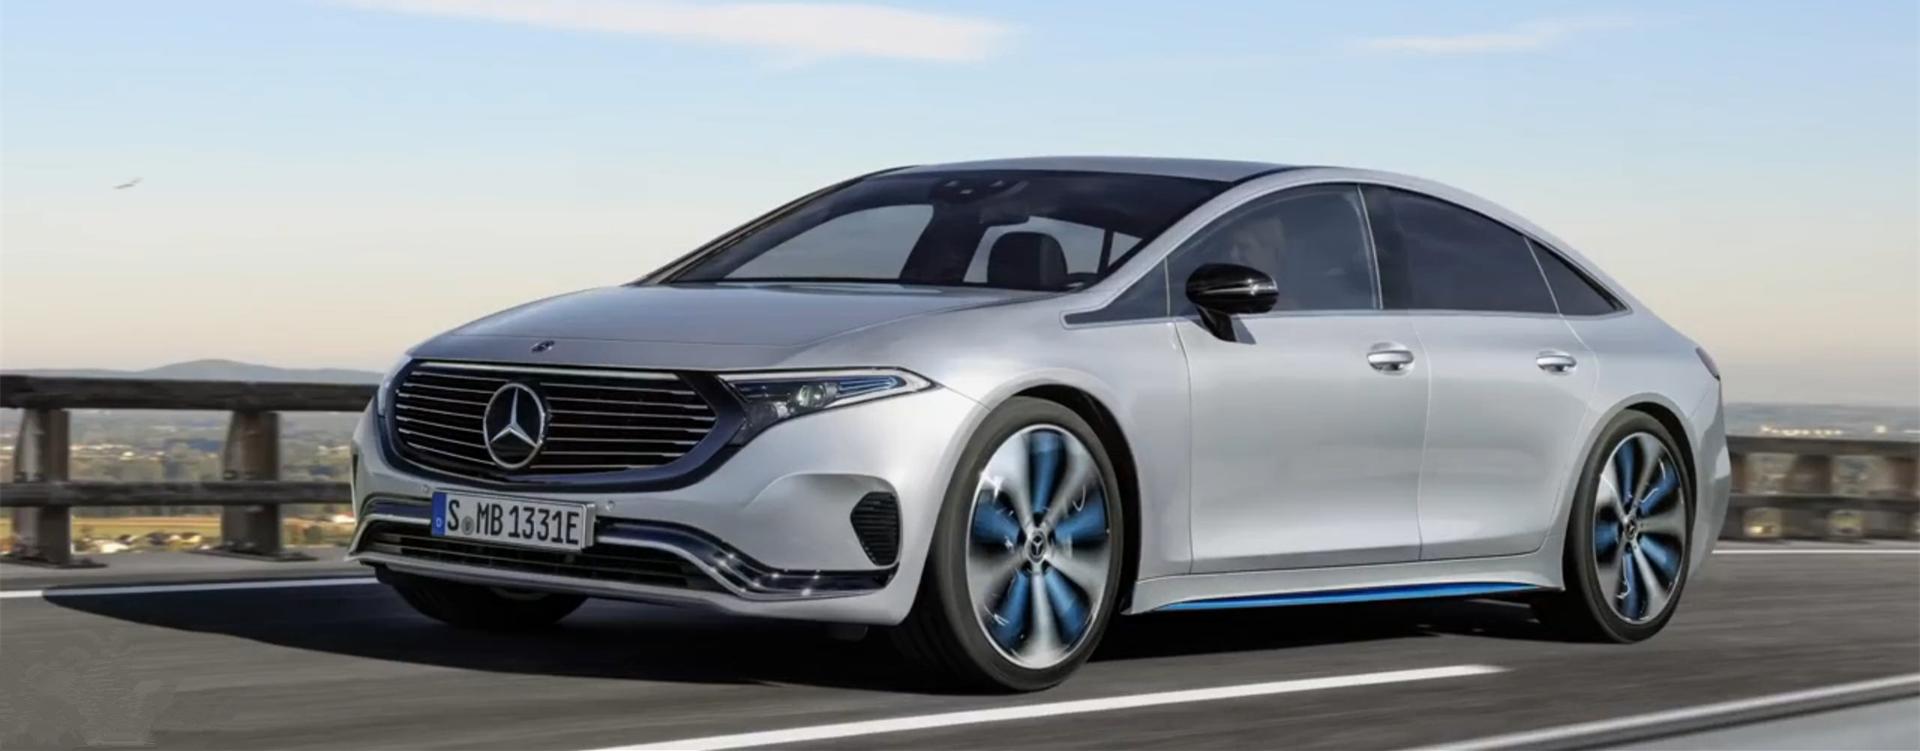 奔驰最新电动车要对标Model S ?